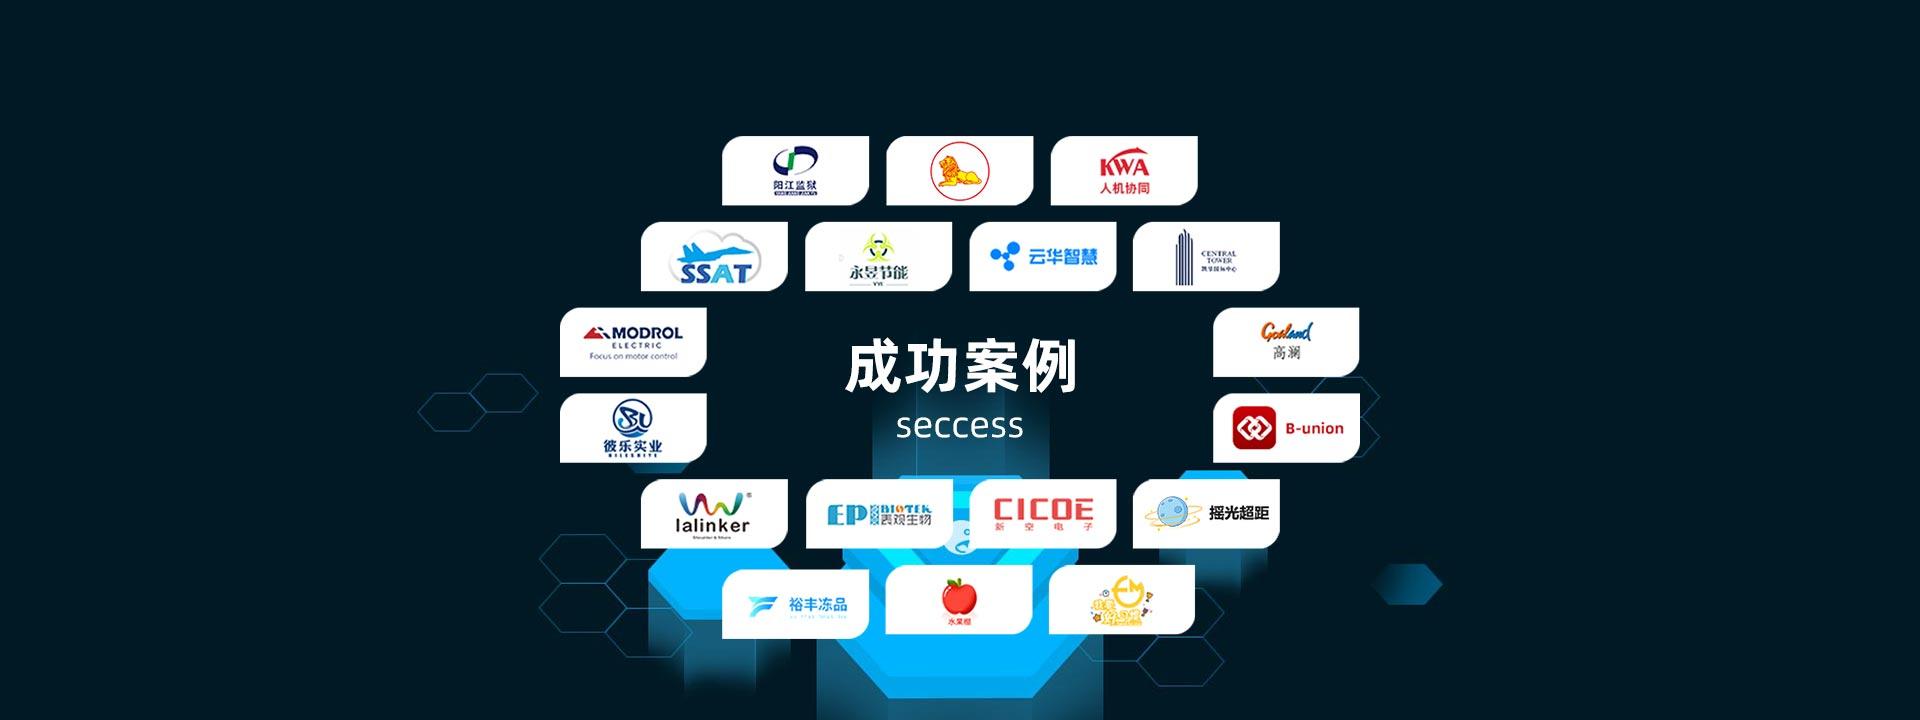 广州佳鲸通信息科技有限公司-461-0轮播图